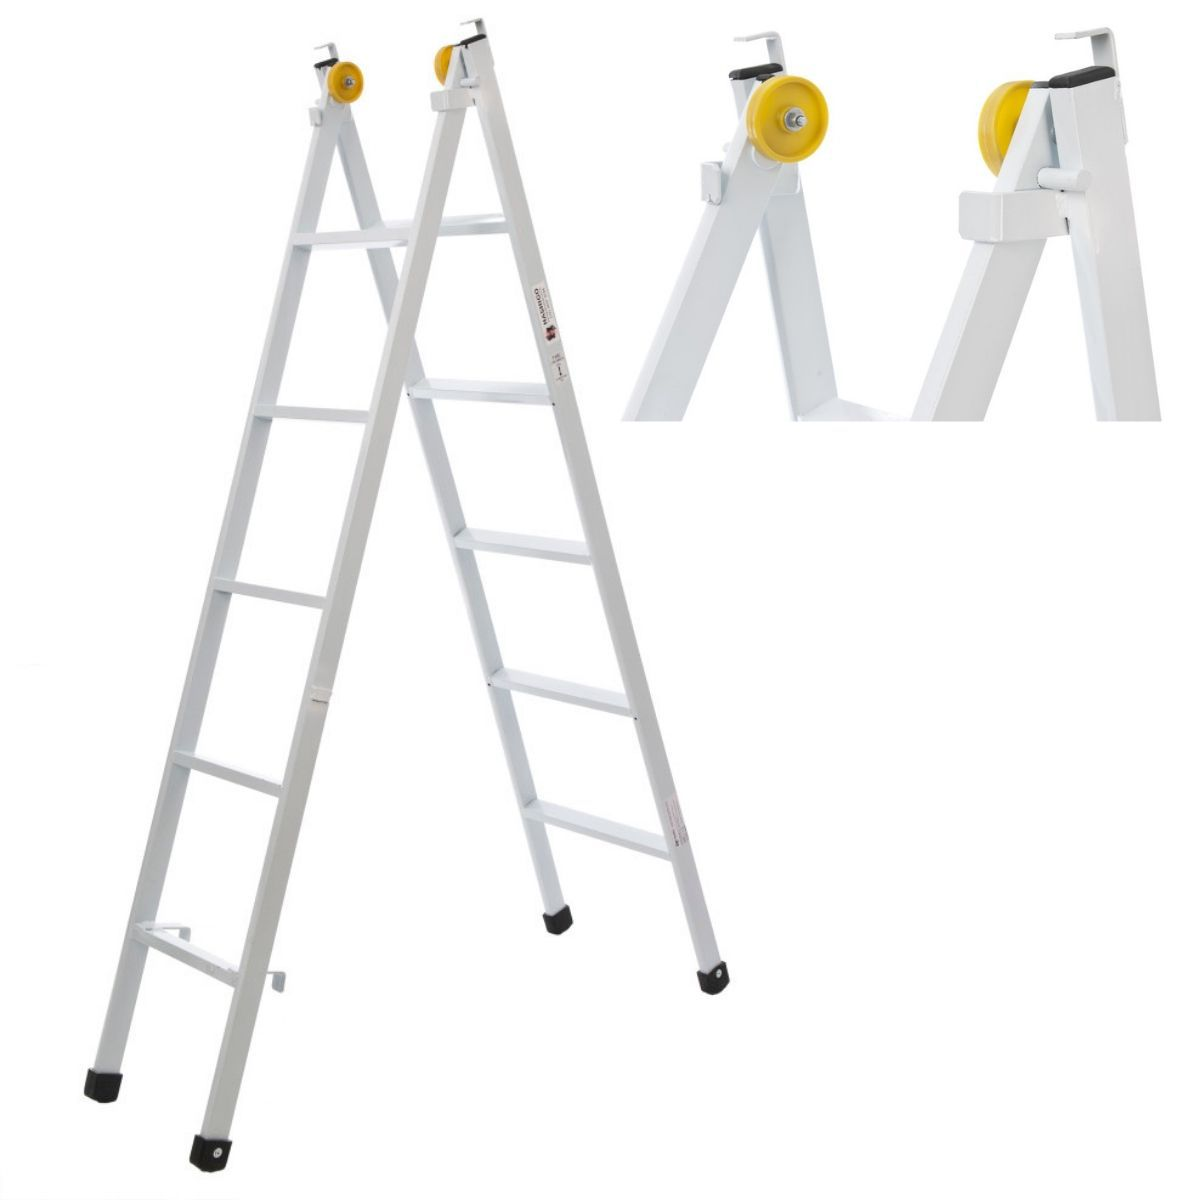 Escada Extensiva 6 Degraus De Aço Com Rodas De Deslizamento 3,10M Hashigo - 6D - H-064